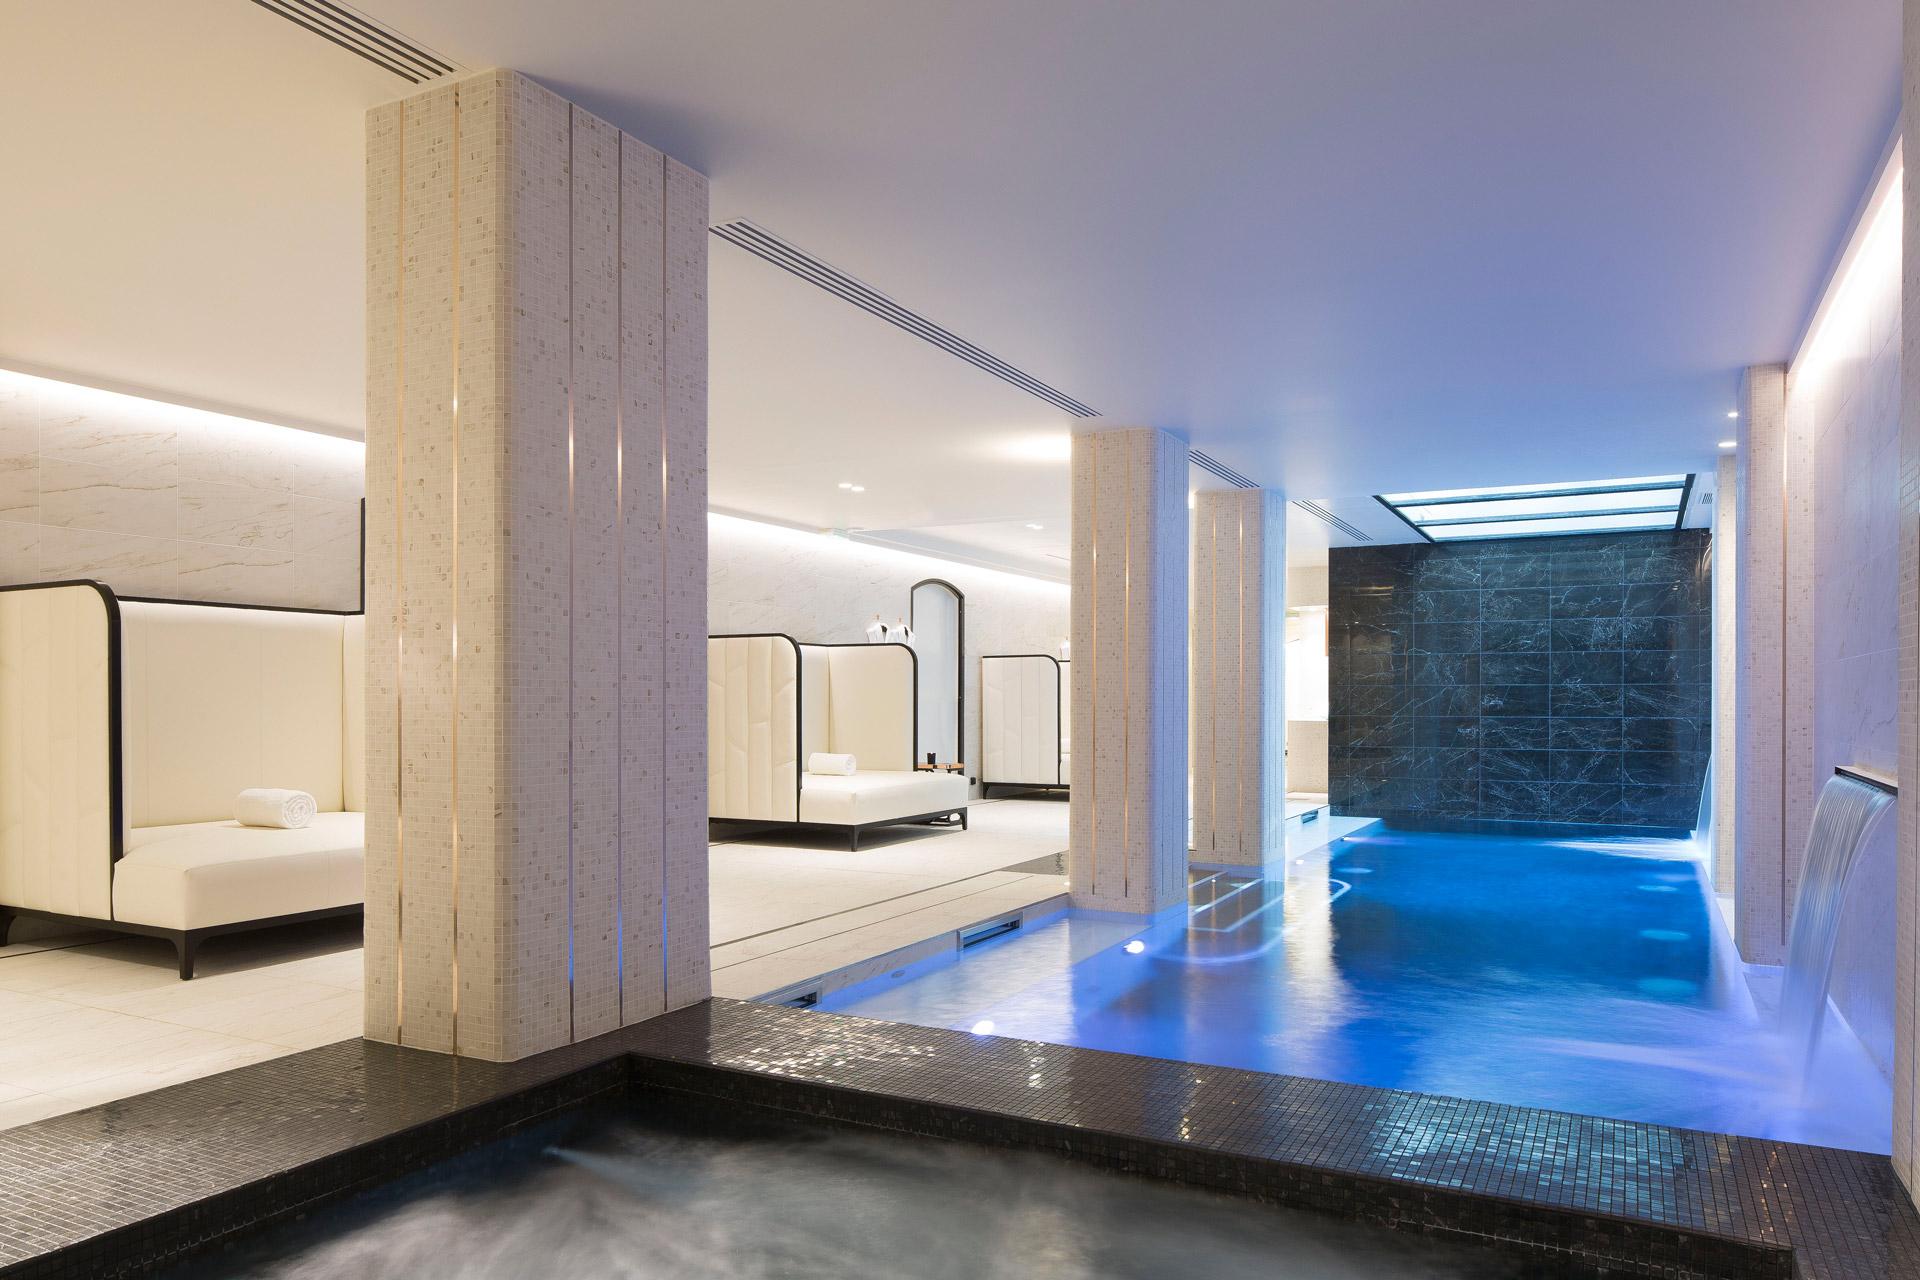 Le Narcisse Blanc | Hôtel de luxe & Spa au coeur de Paris | Découvrez notre spa